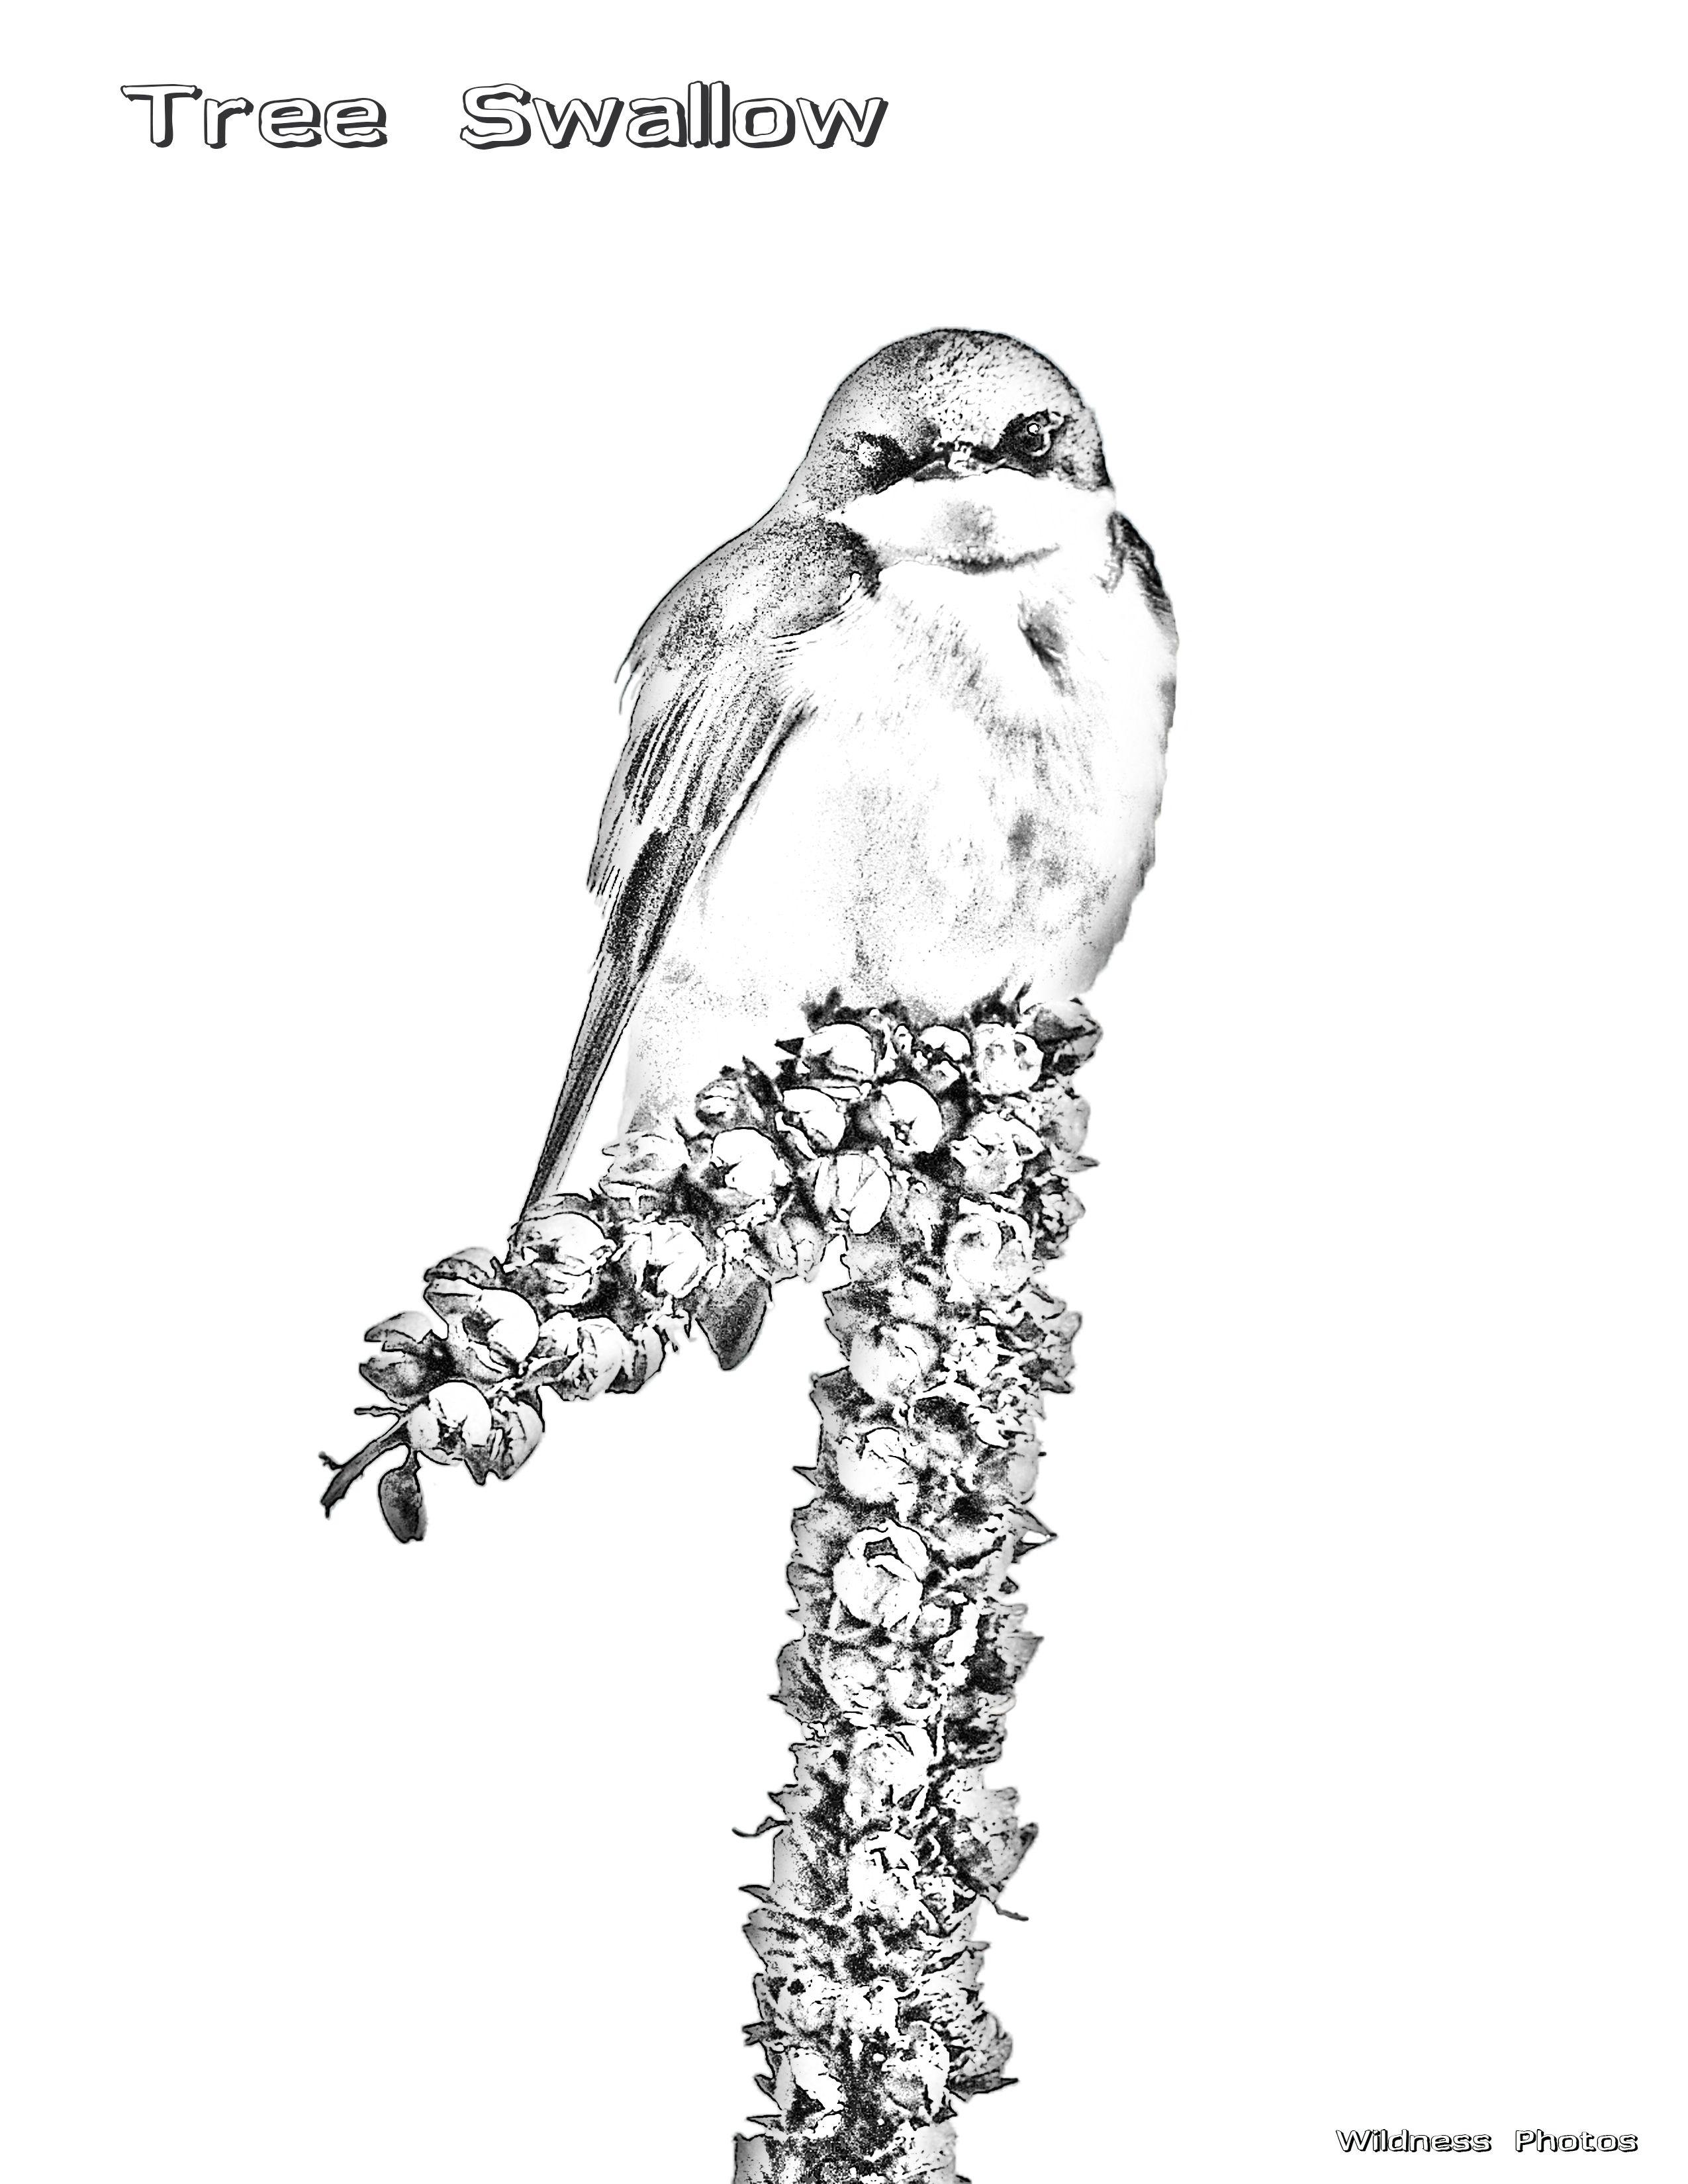 Male Tree Swallow 2